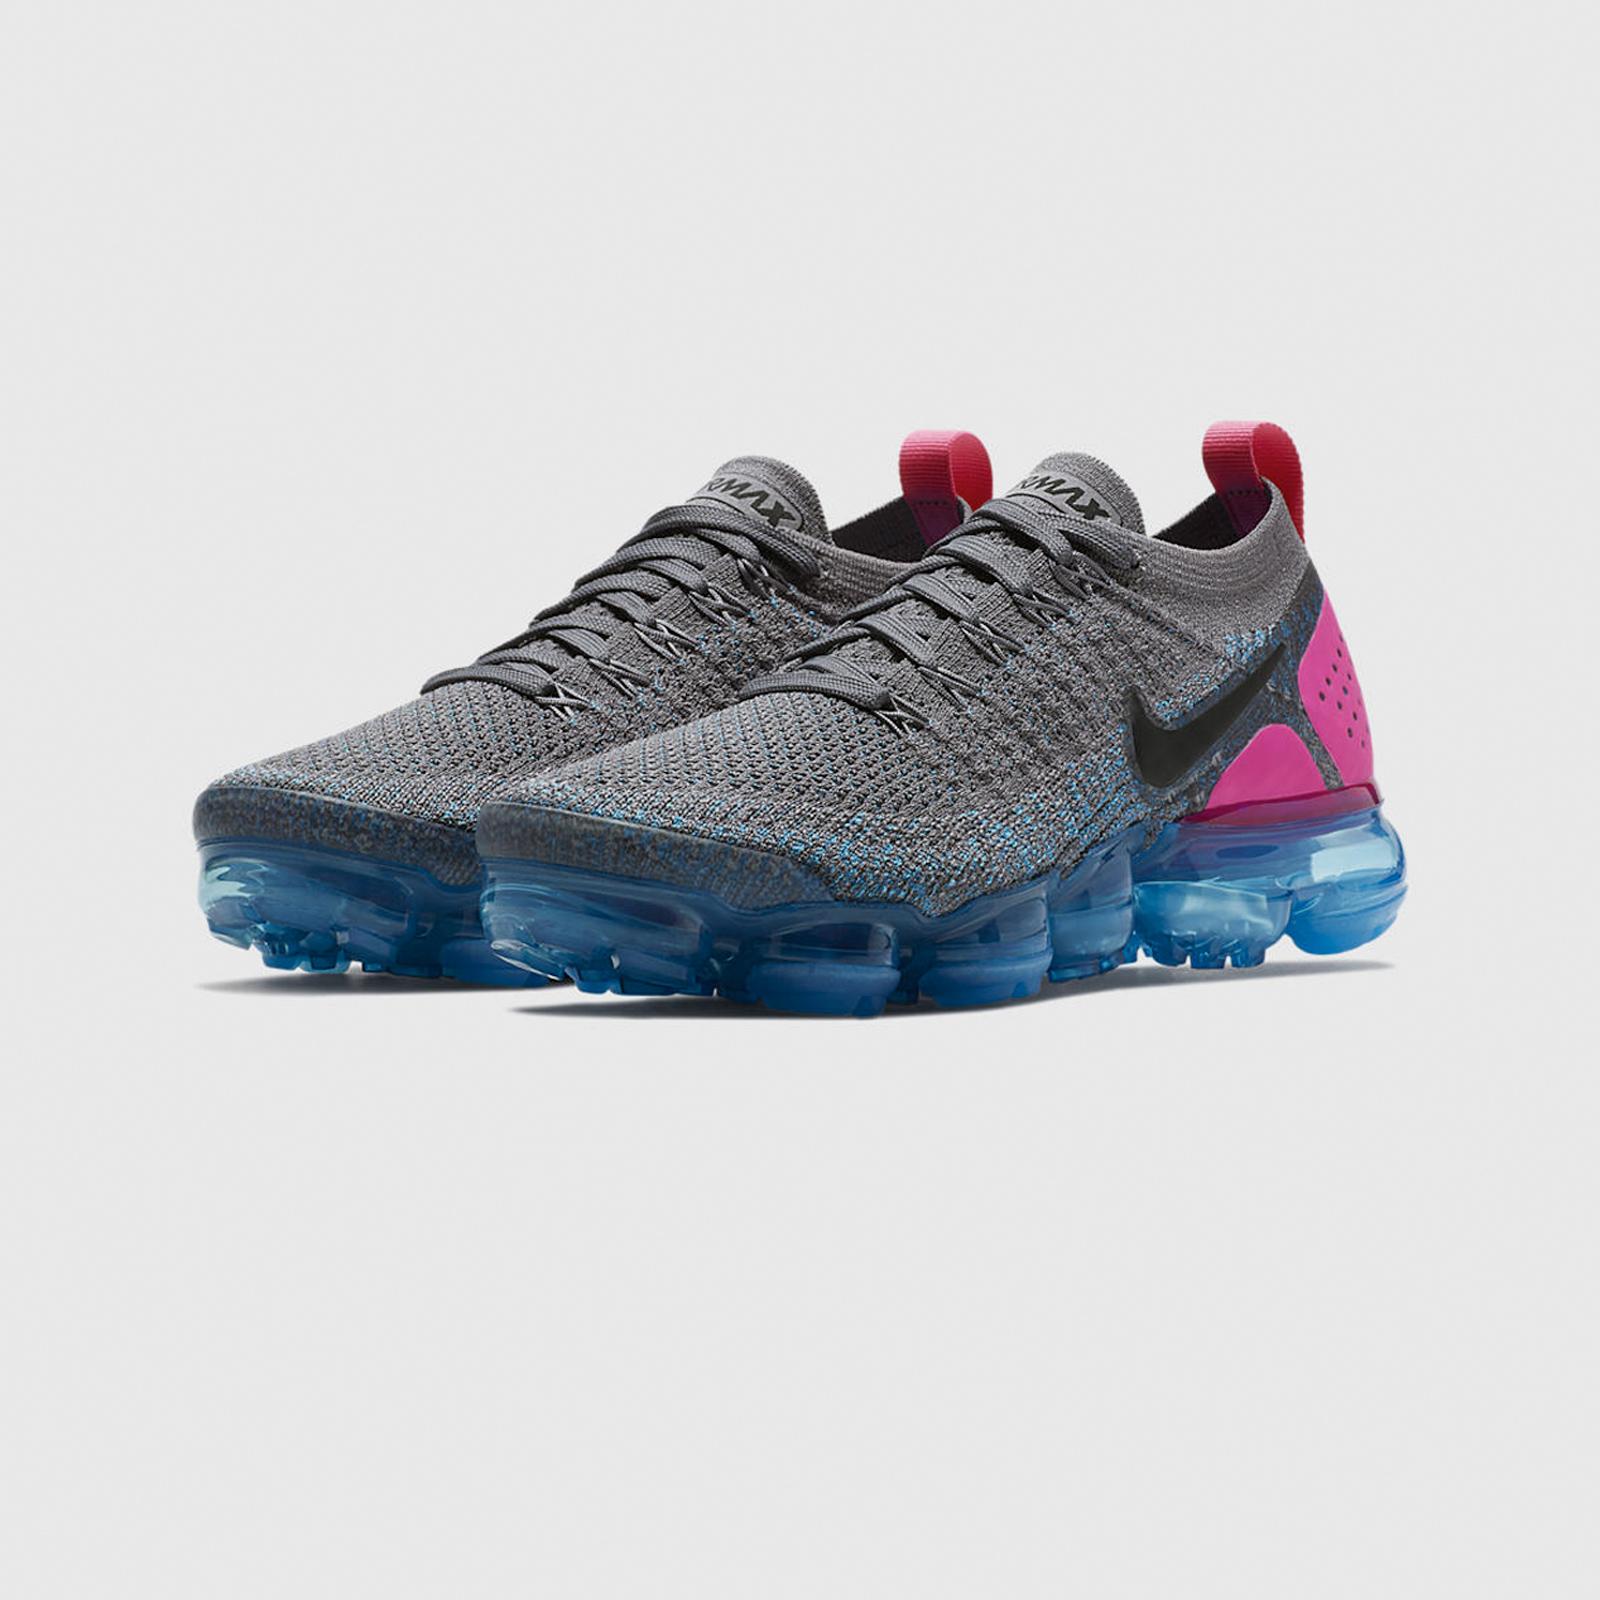 fd71a1d7a11 Nike Wmns Air Vapormax Flyknit 2 - 942843-004 - Sneakersnstuff ...